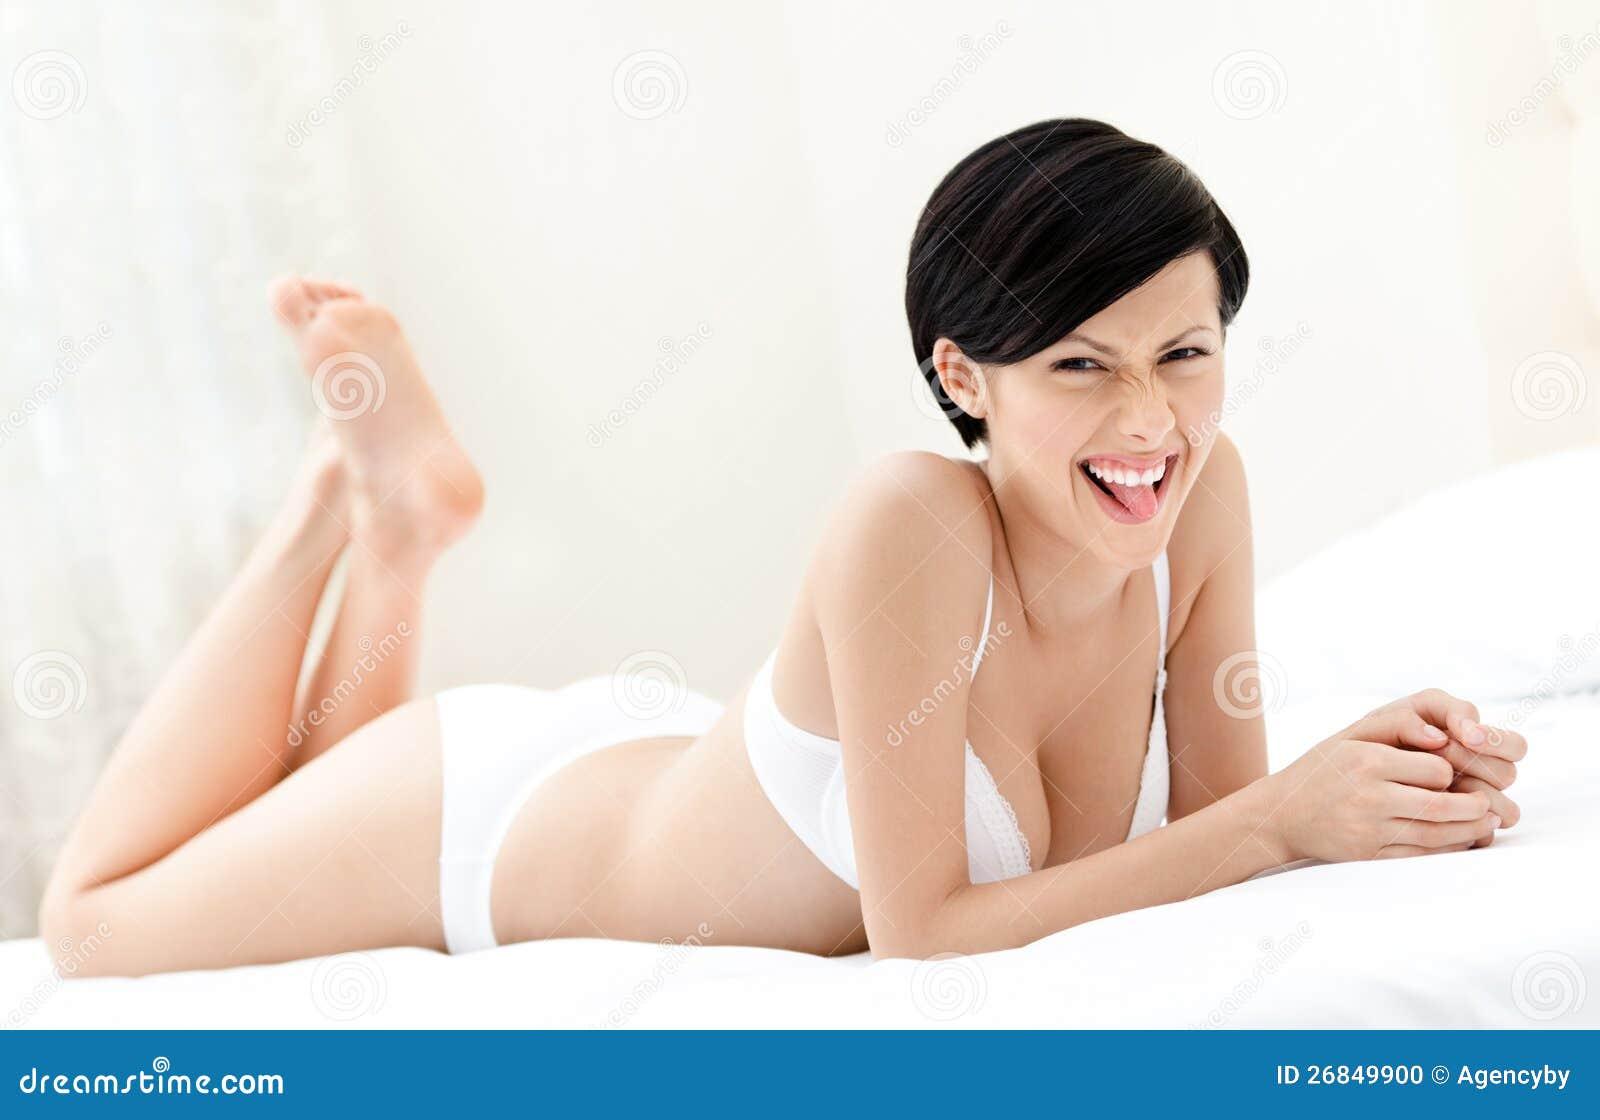 Женщина лежит на животике